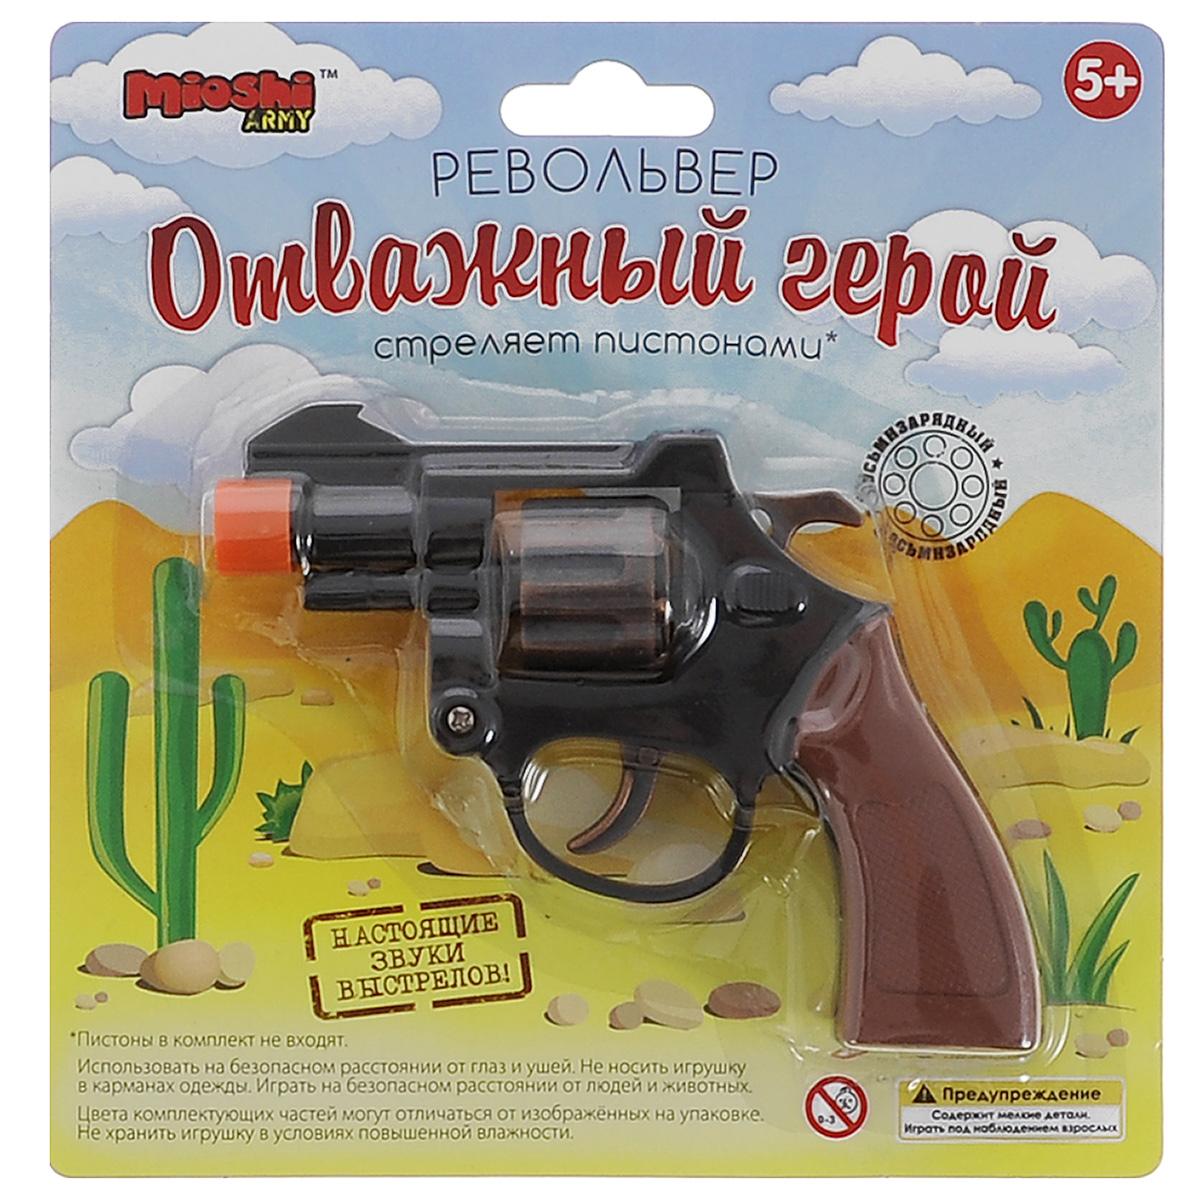 Револьвер Mioshi Army Отважный герой, цвет: черный, коричневый в москве травматический револьвер таурус